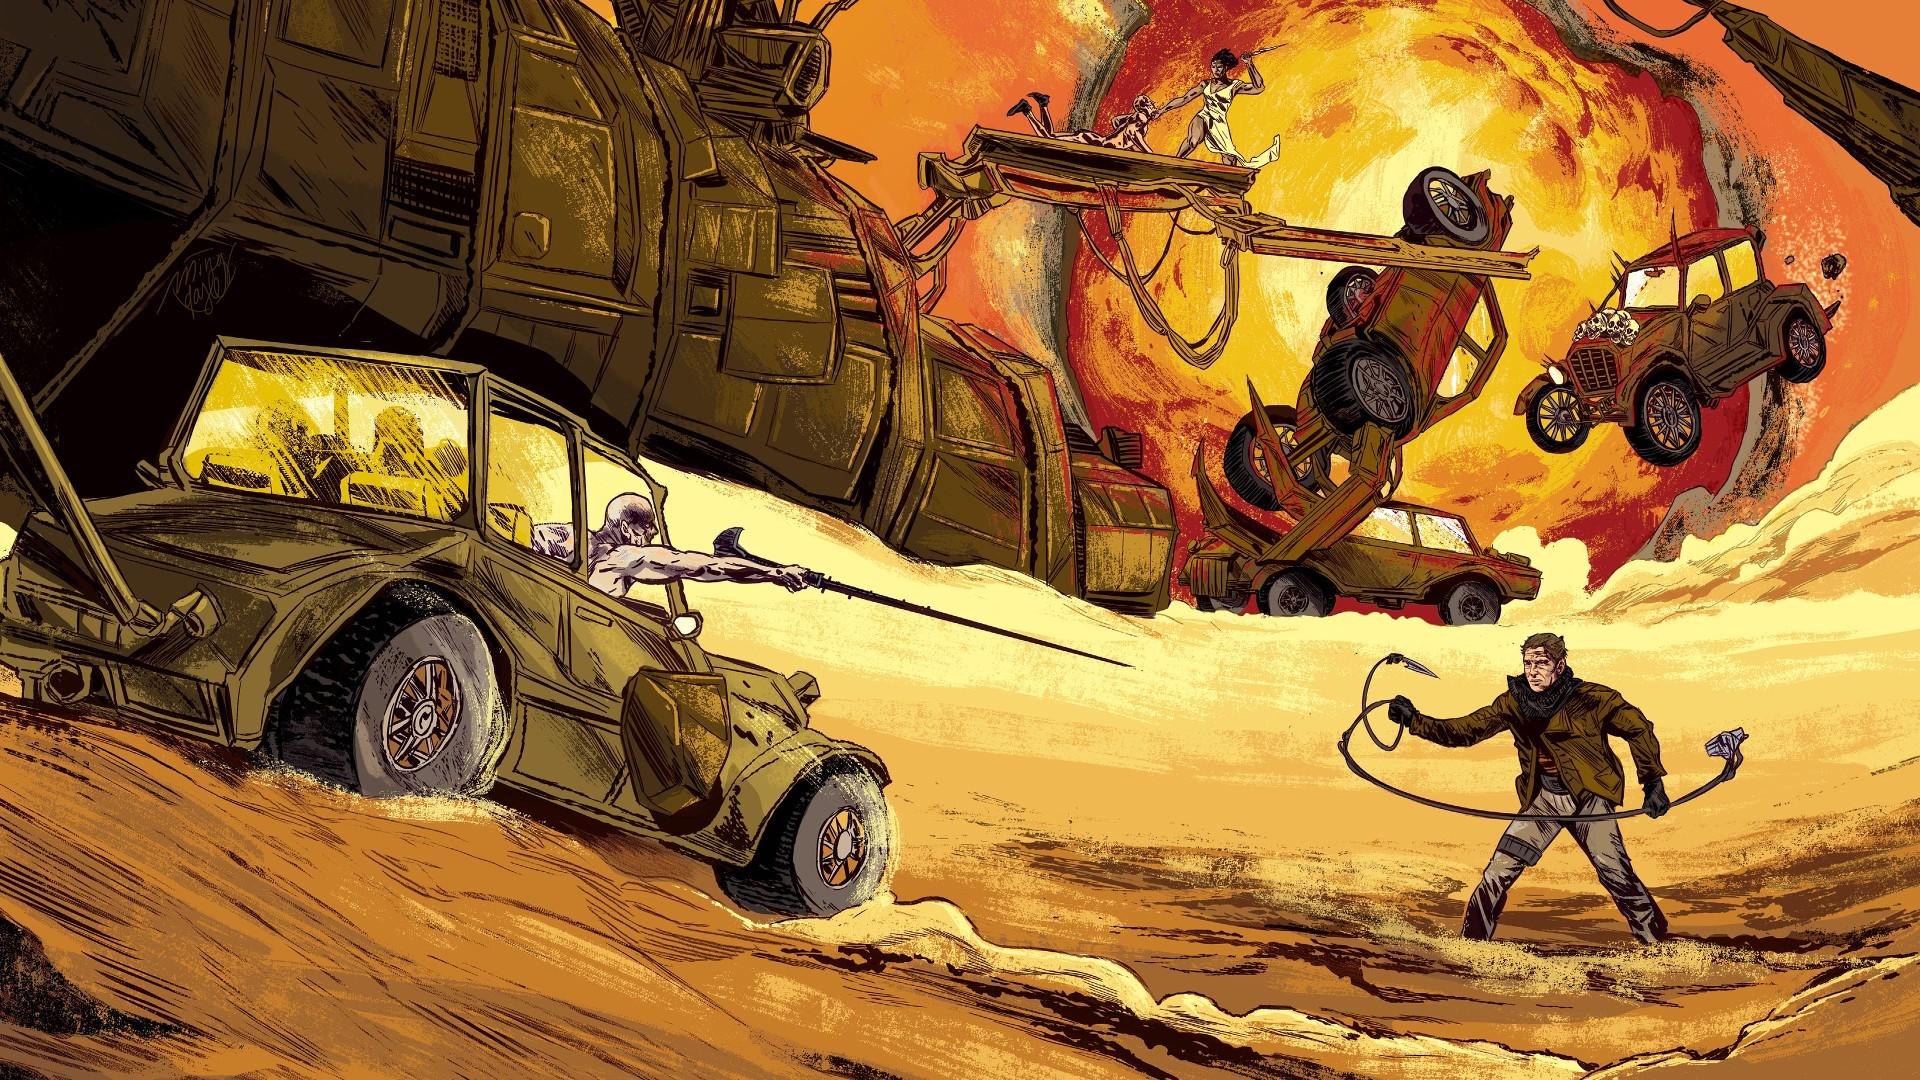 1920x1080 px car comics Mad Max Mad Max Fury Road movies